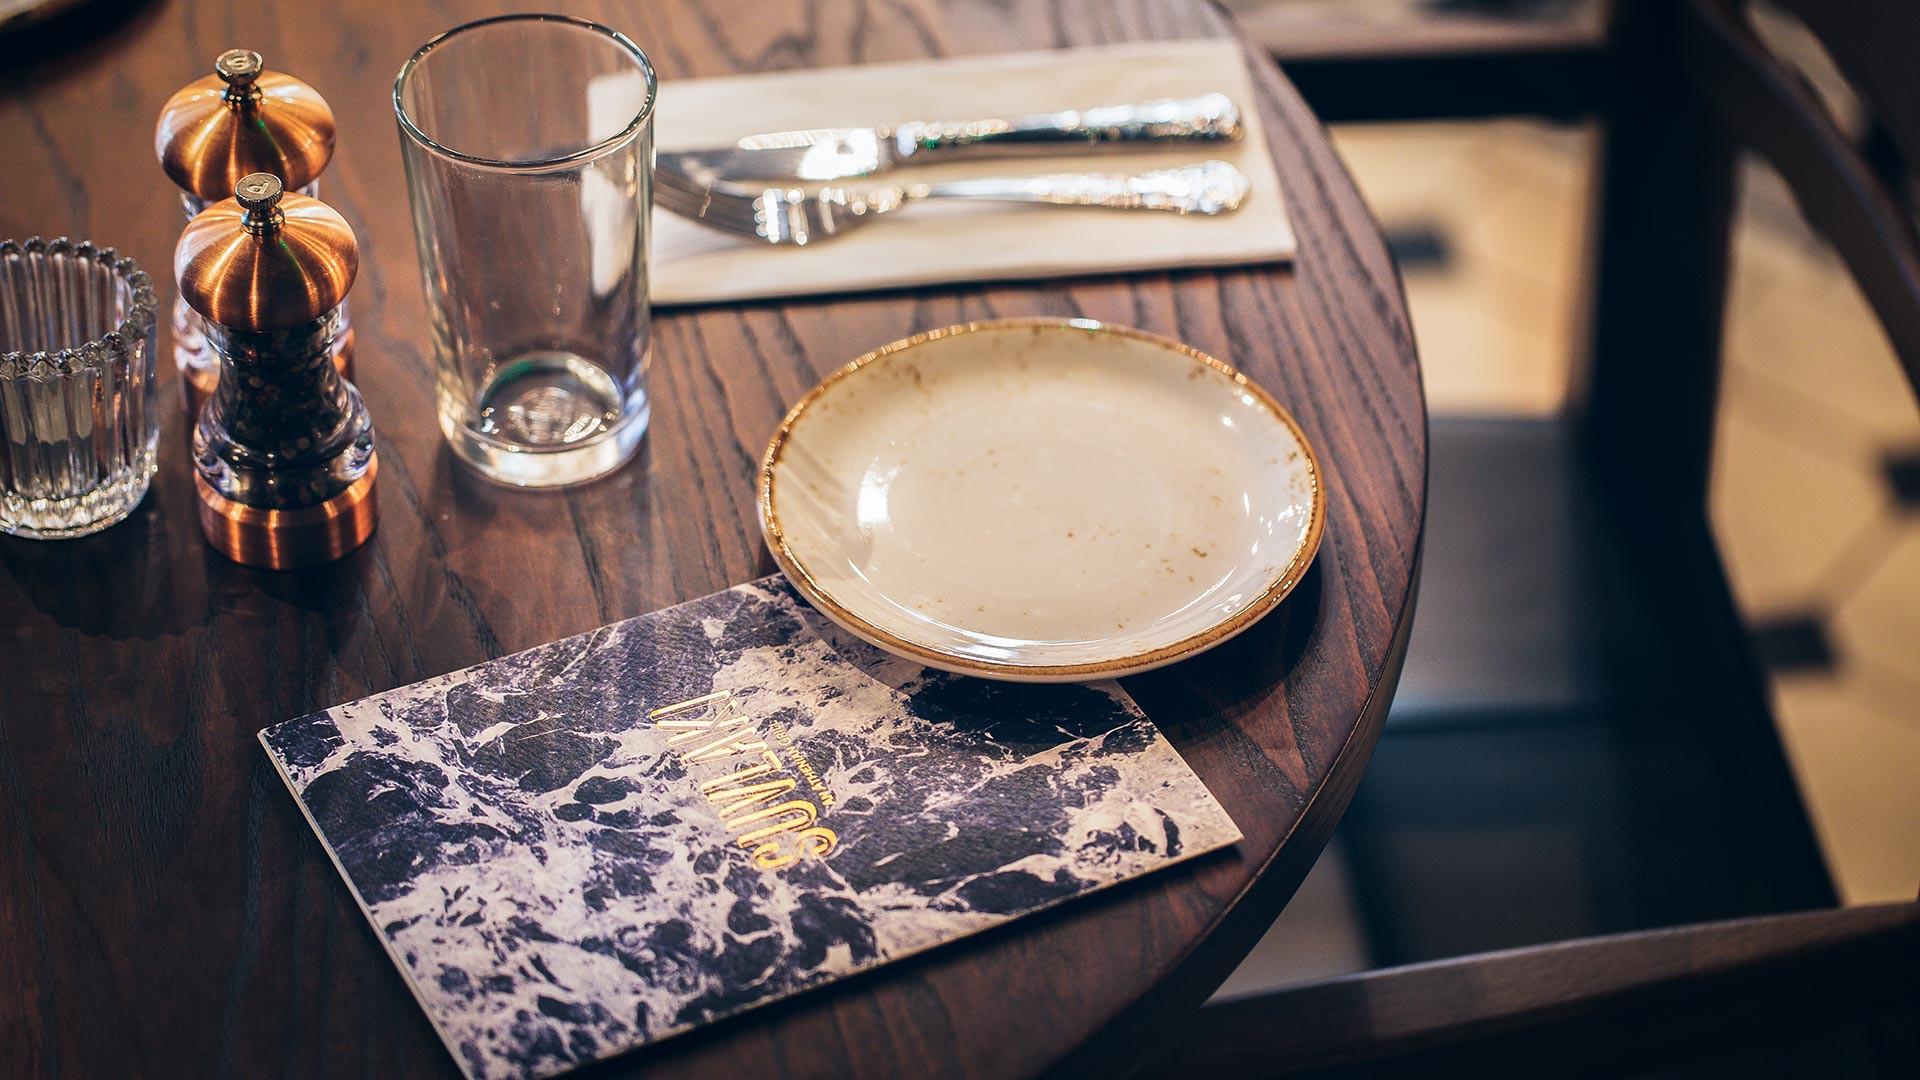 Suvlaki Shoreditch's menu